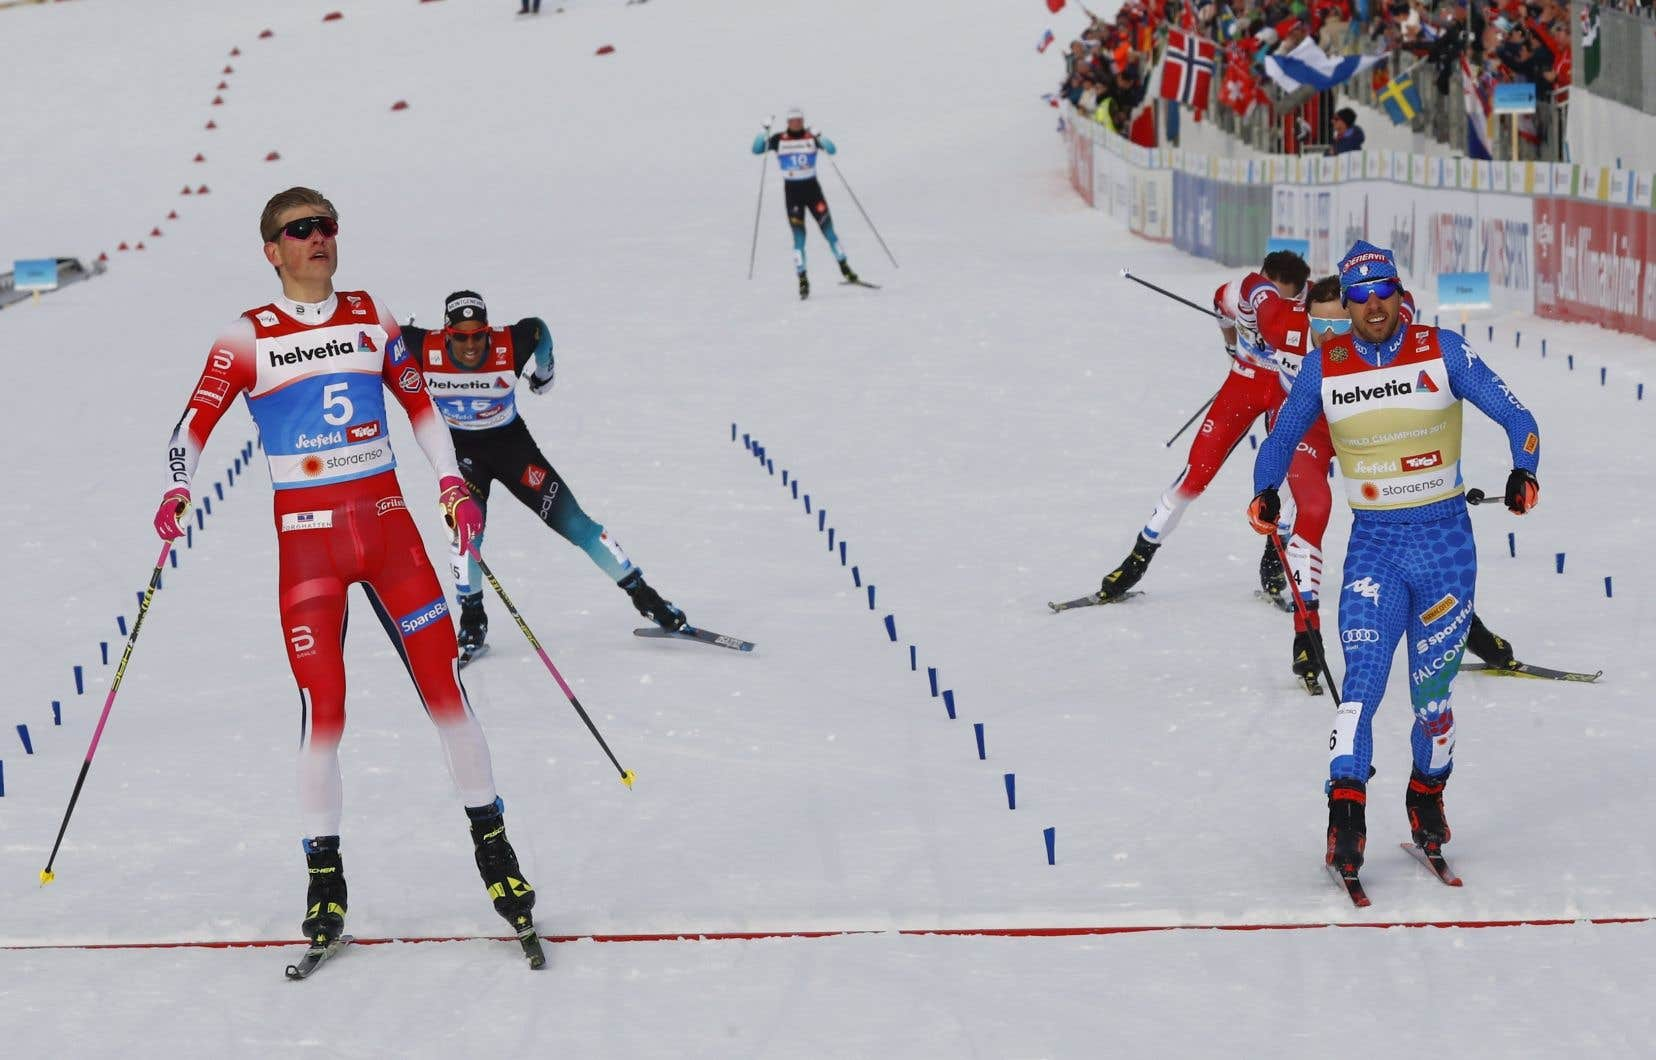 Klaebo (à gauche) a triomphé en remportant la super-finale en vertu d'un chrono de 3 min 21,17 s.